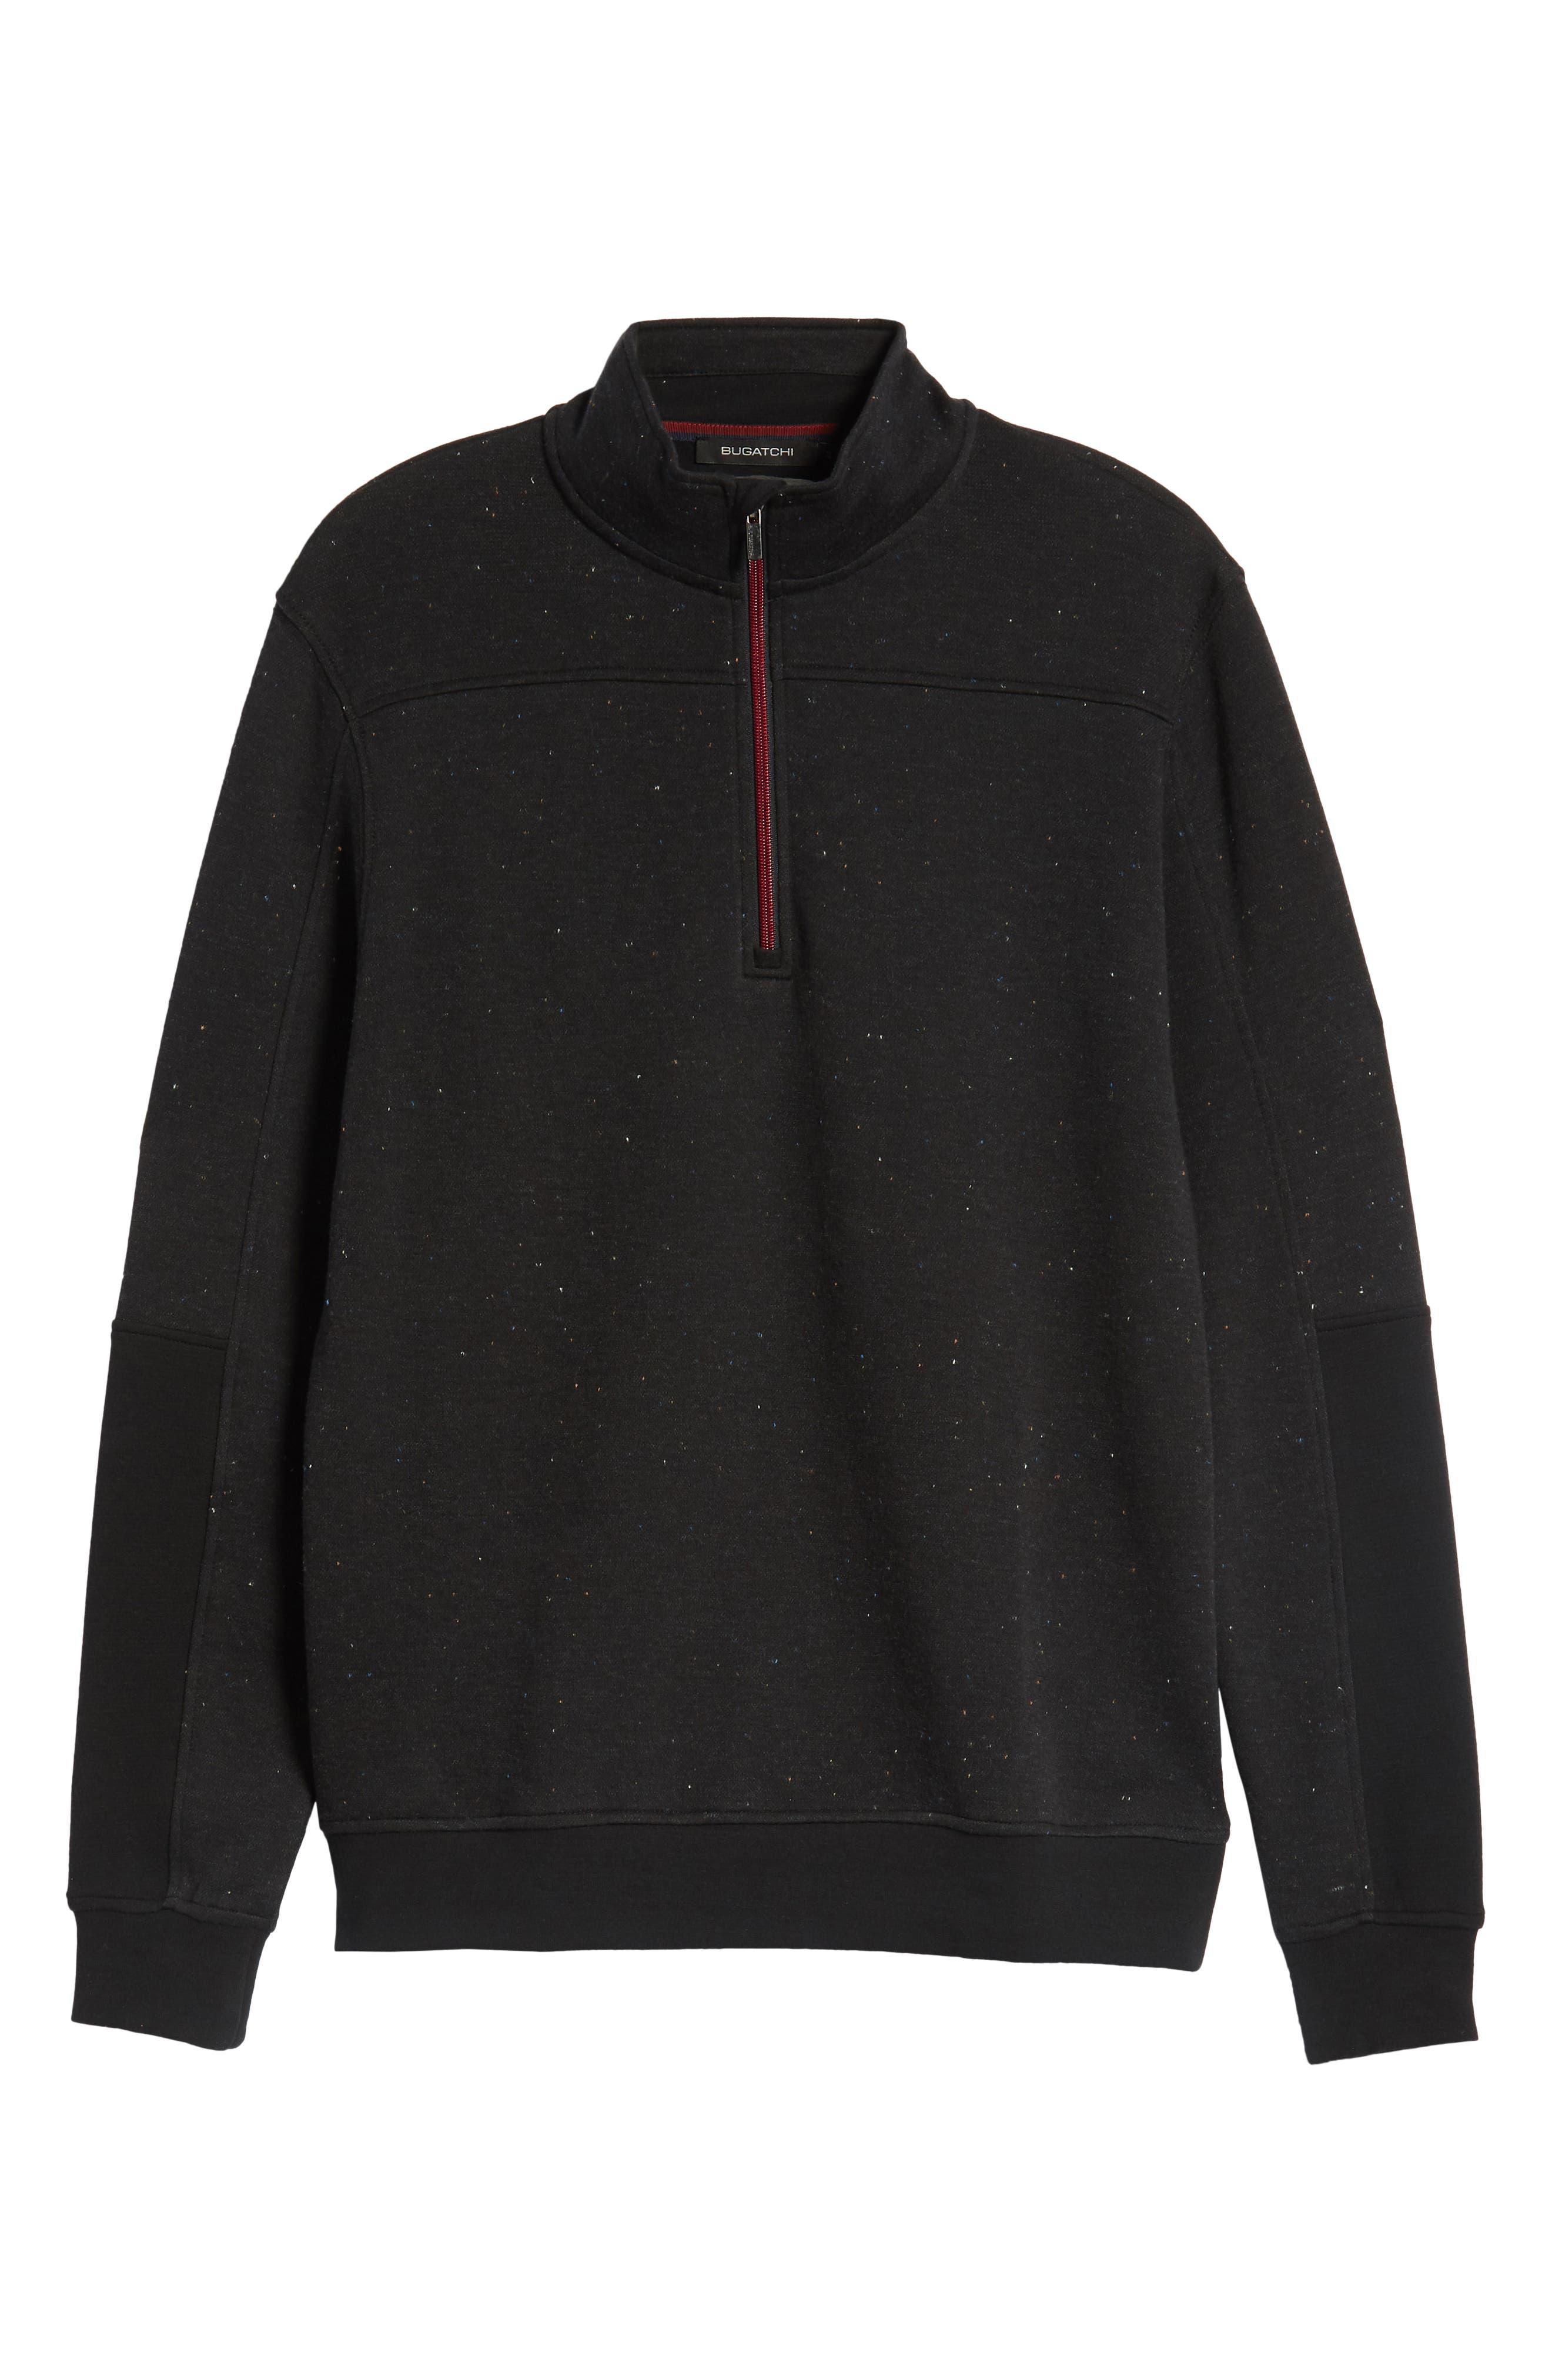 Regular Fit Pullover Sweatshirt,                             Alternate thumbnail 6, color,                             NAVY